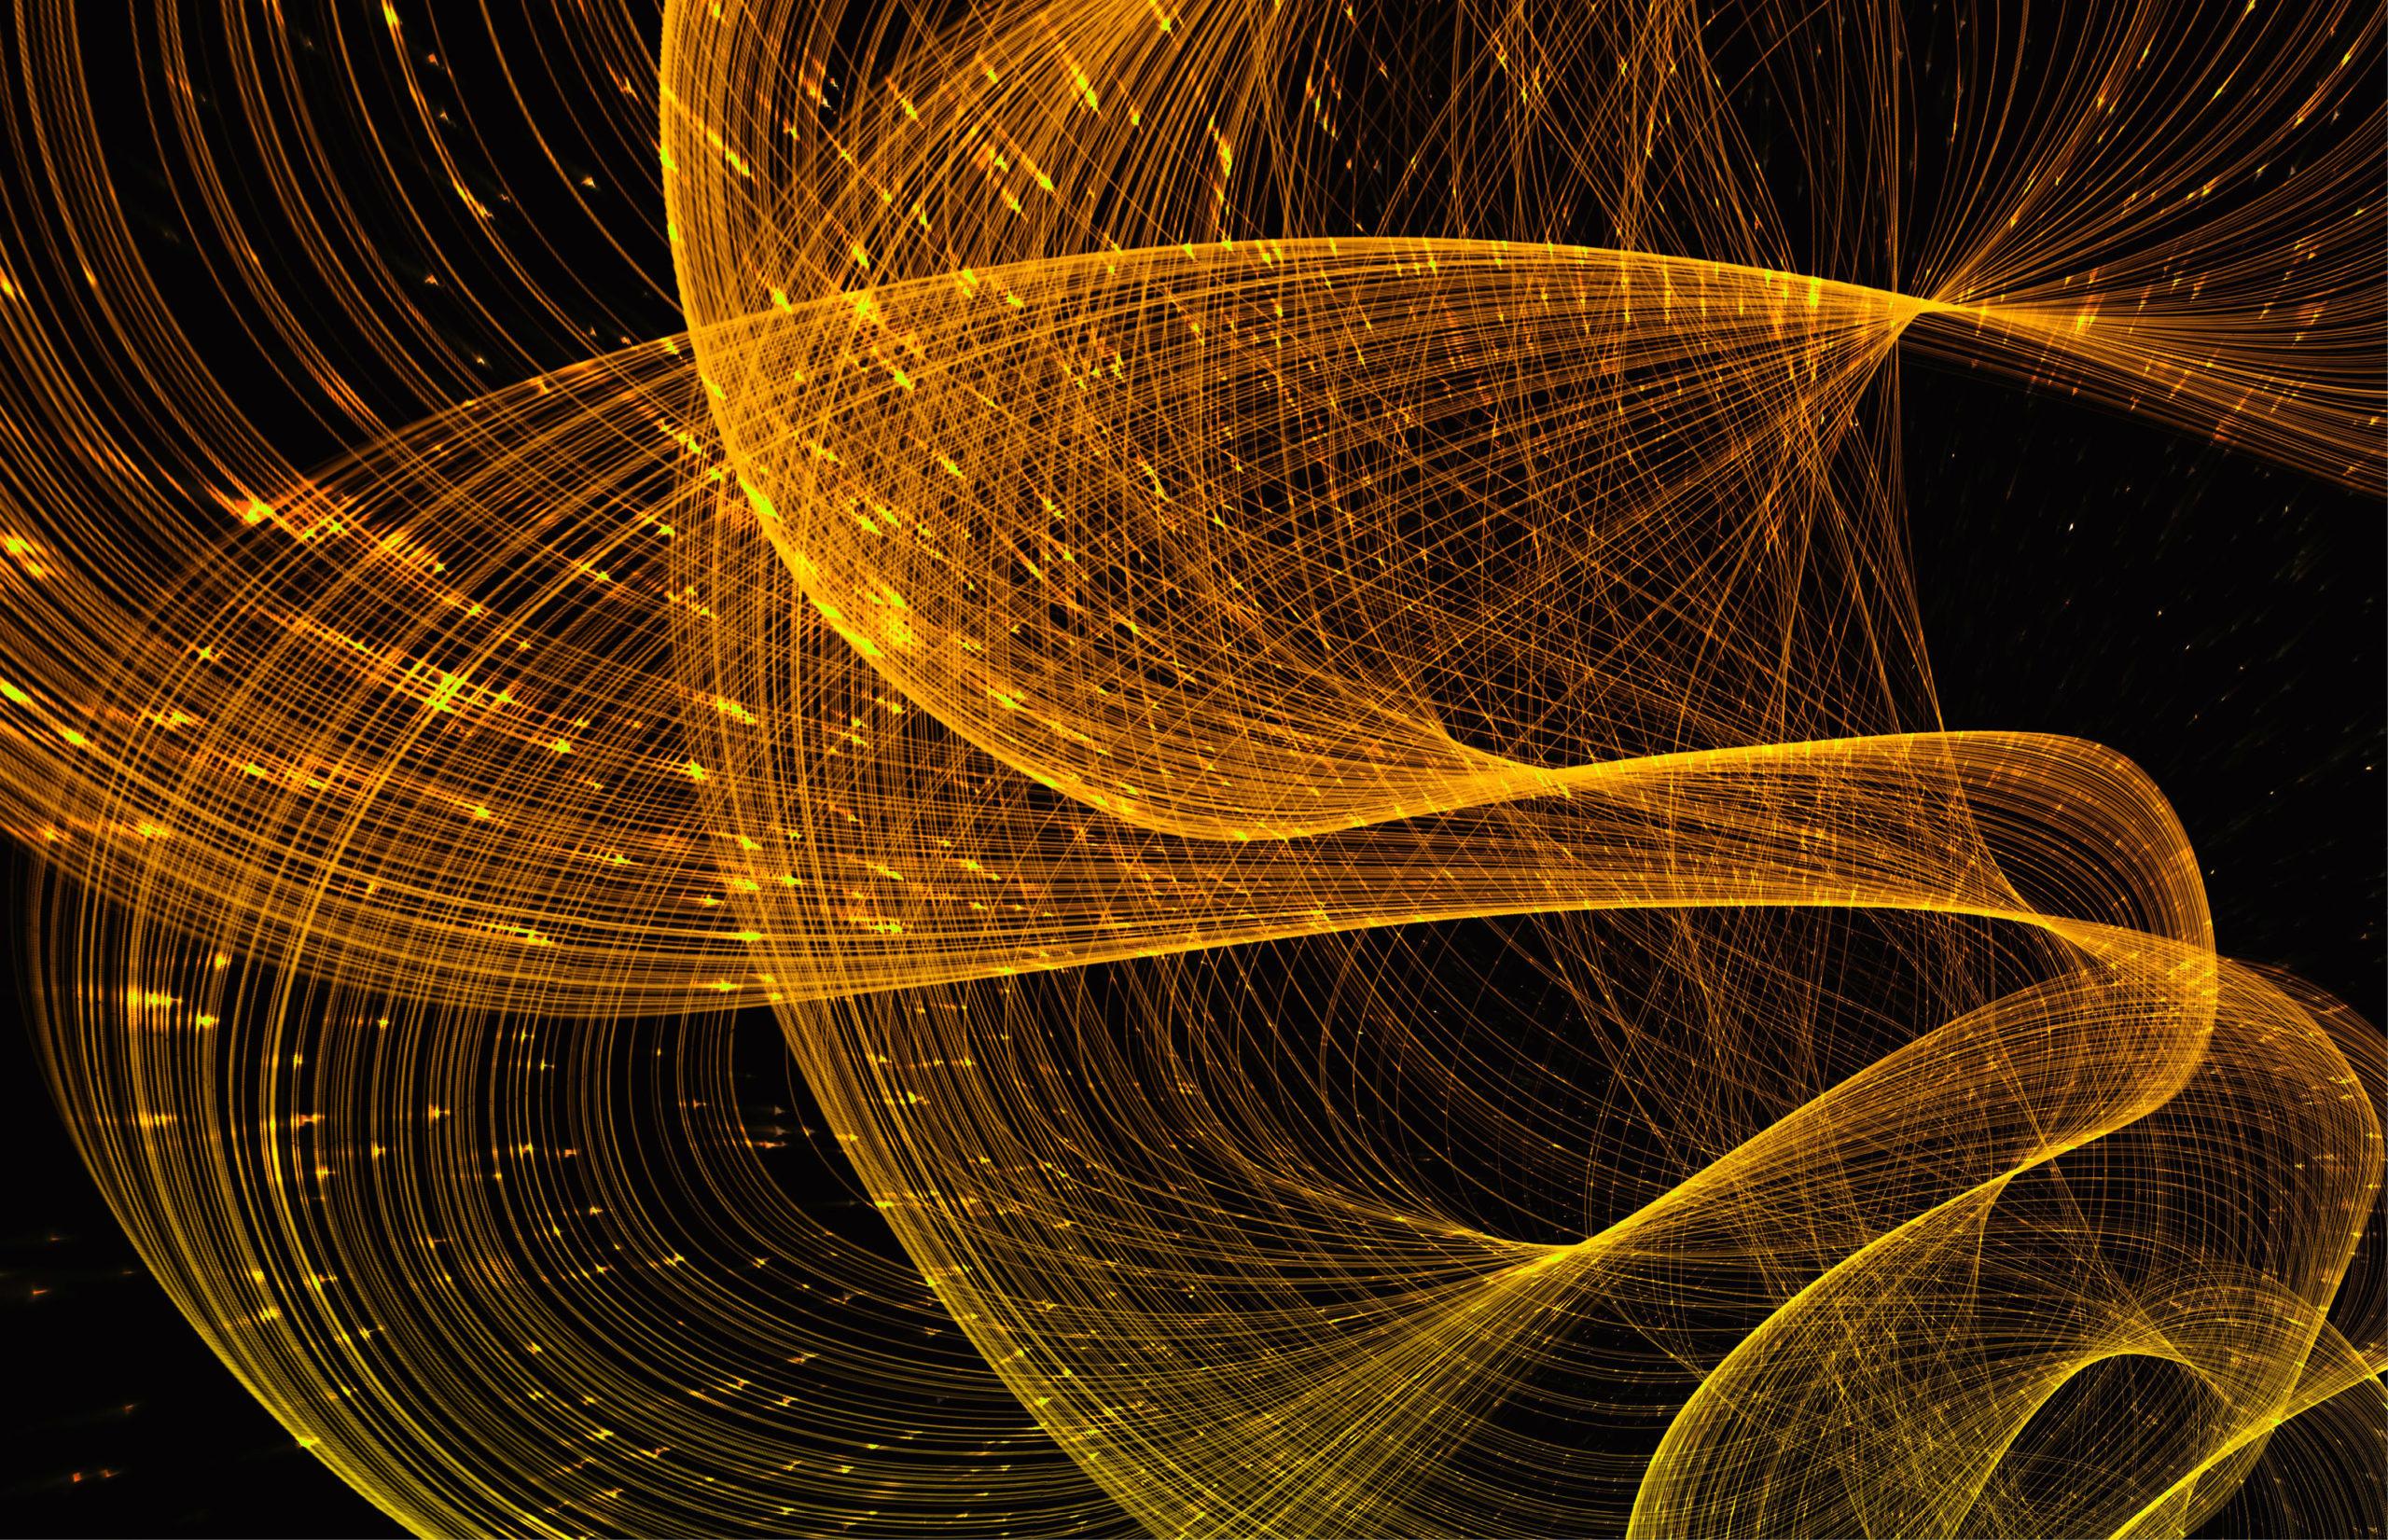 Goldline-immagine-singola-e-760x490